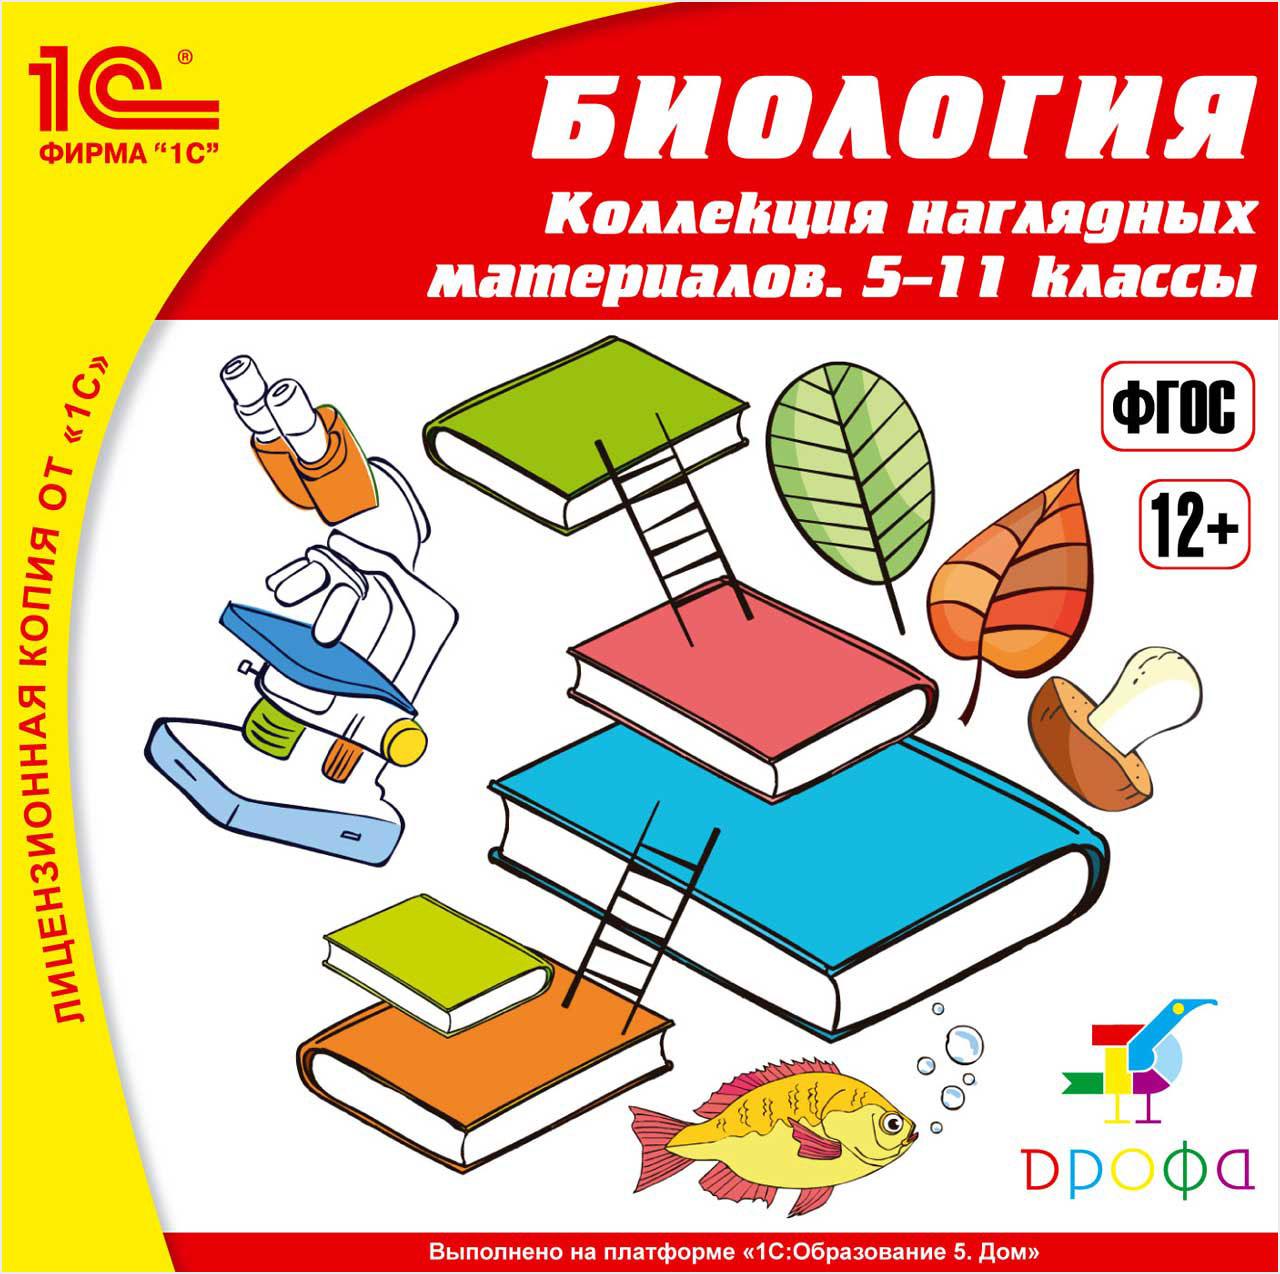 Биология. Коллекция наглядных материалов. 5–11 классы [Цифровая версия] (Цифровая версия)